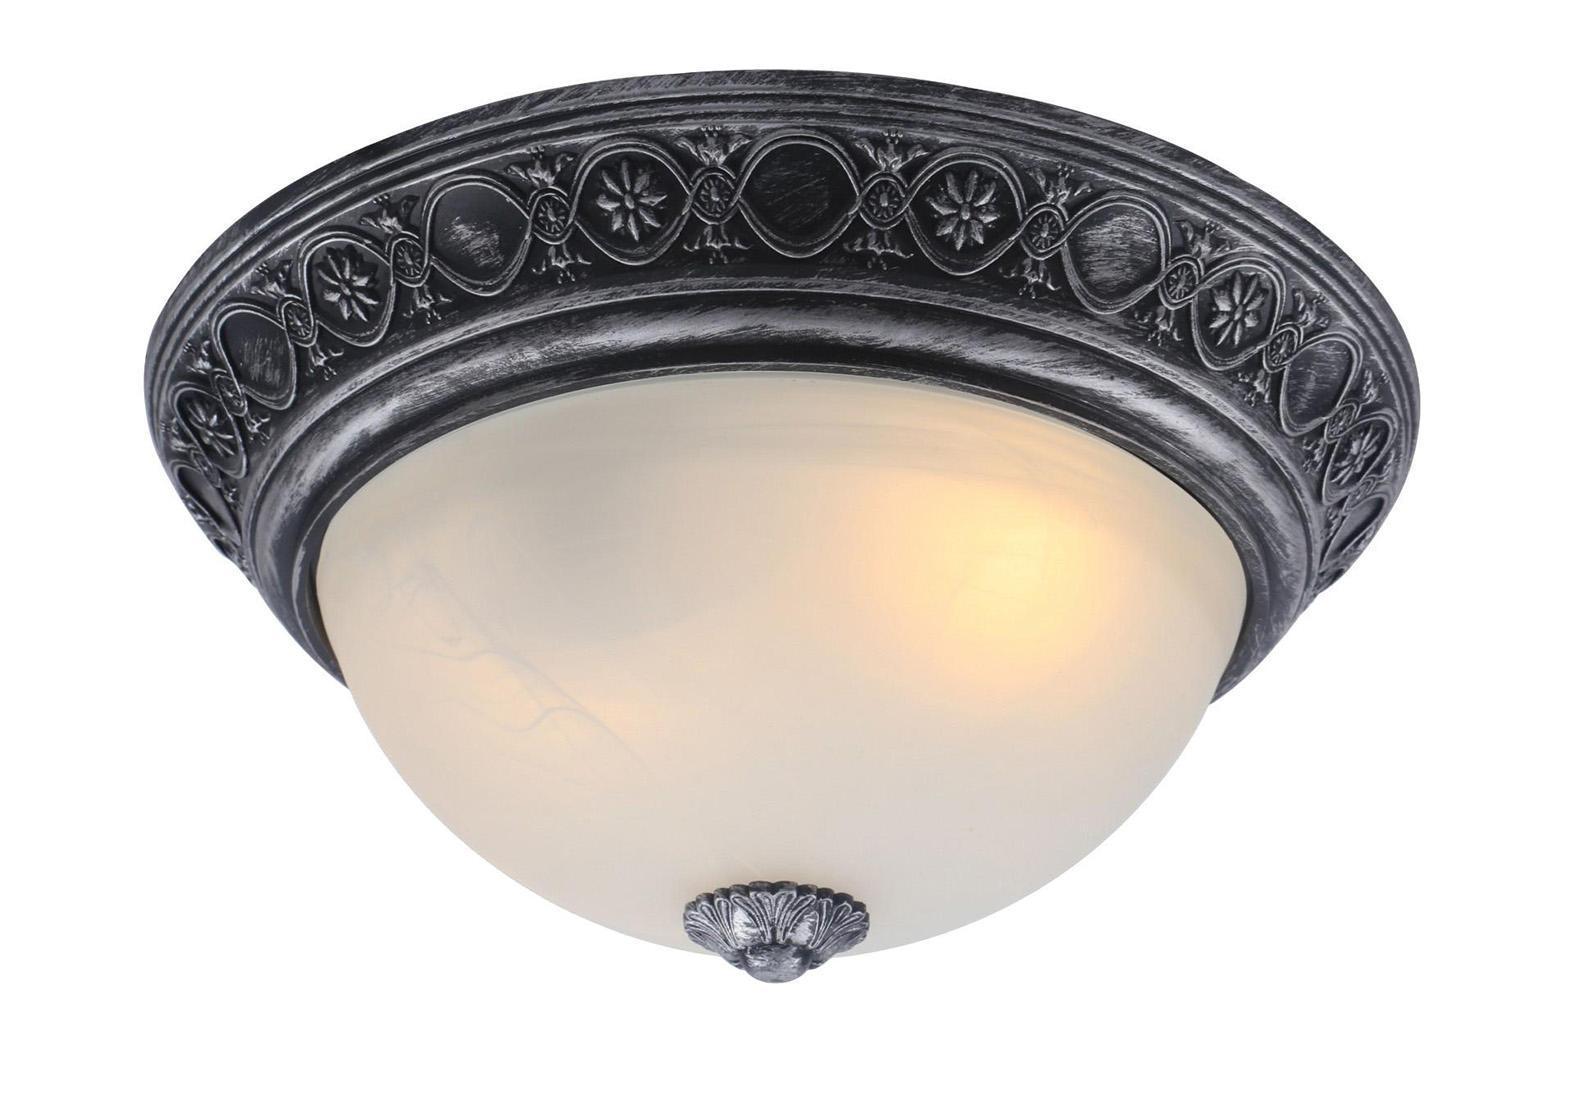 Светильник настенно-потолочный Arte lamp A8009pl-2sb